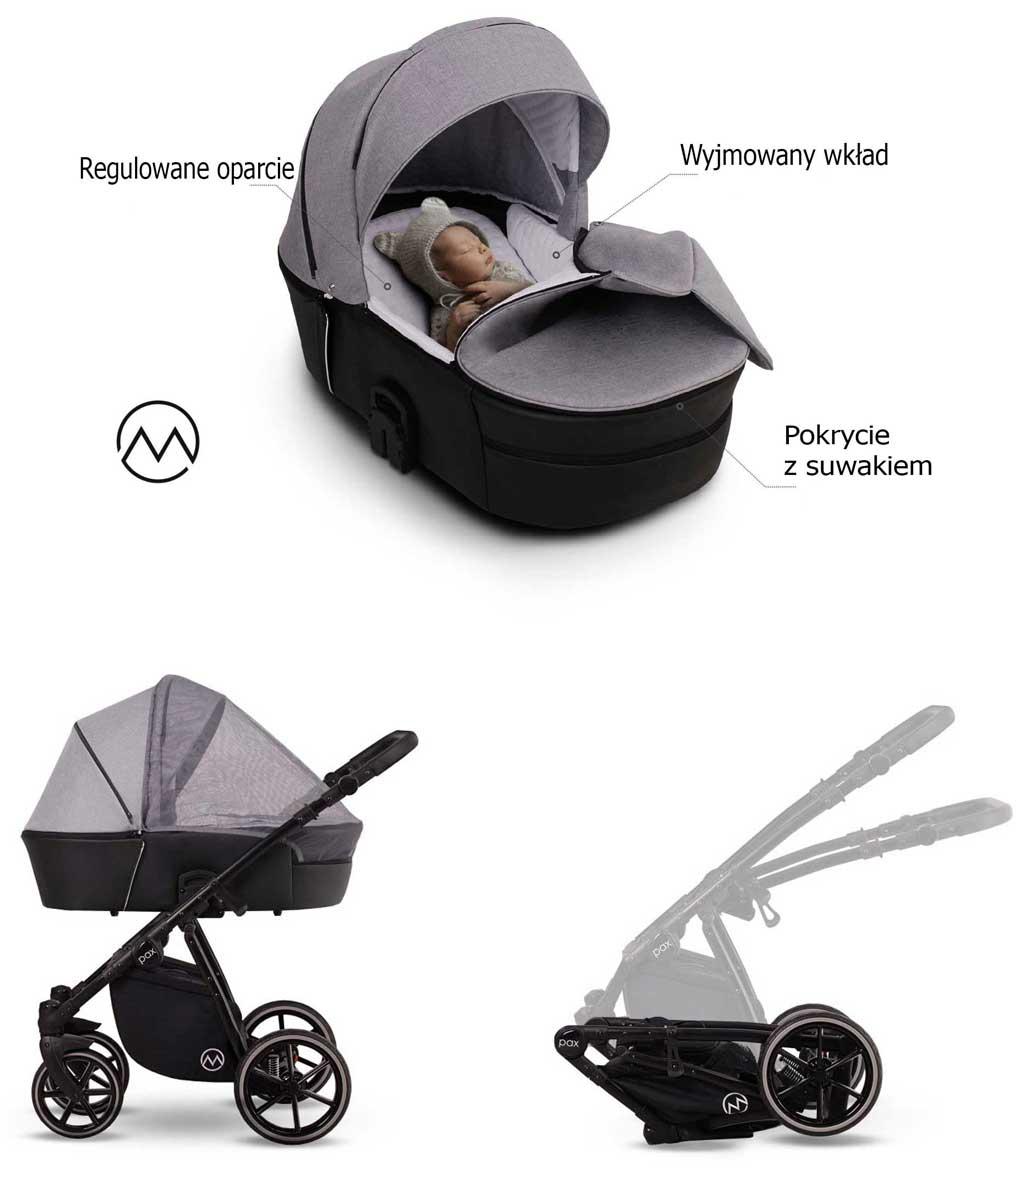 Lonex Pax wózek dzieciecy wielofunkcyjny funkcje